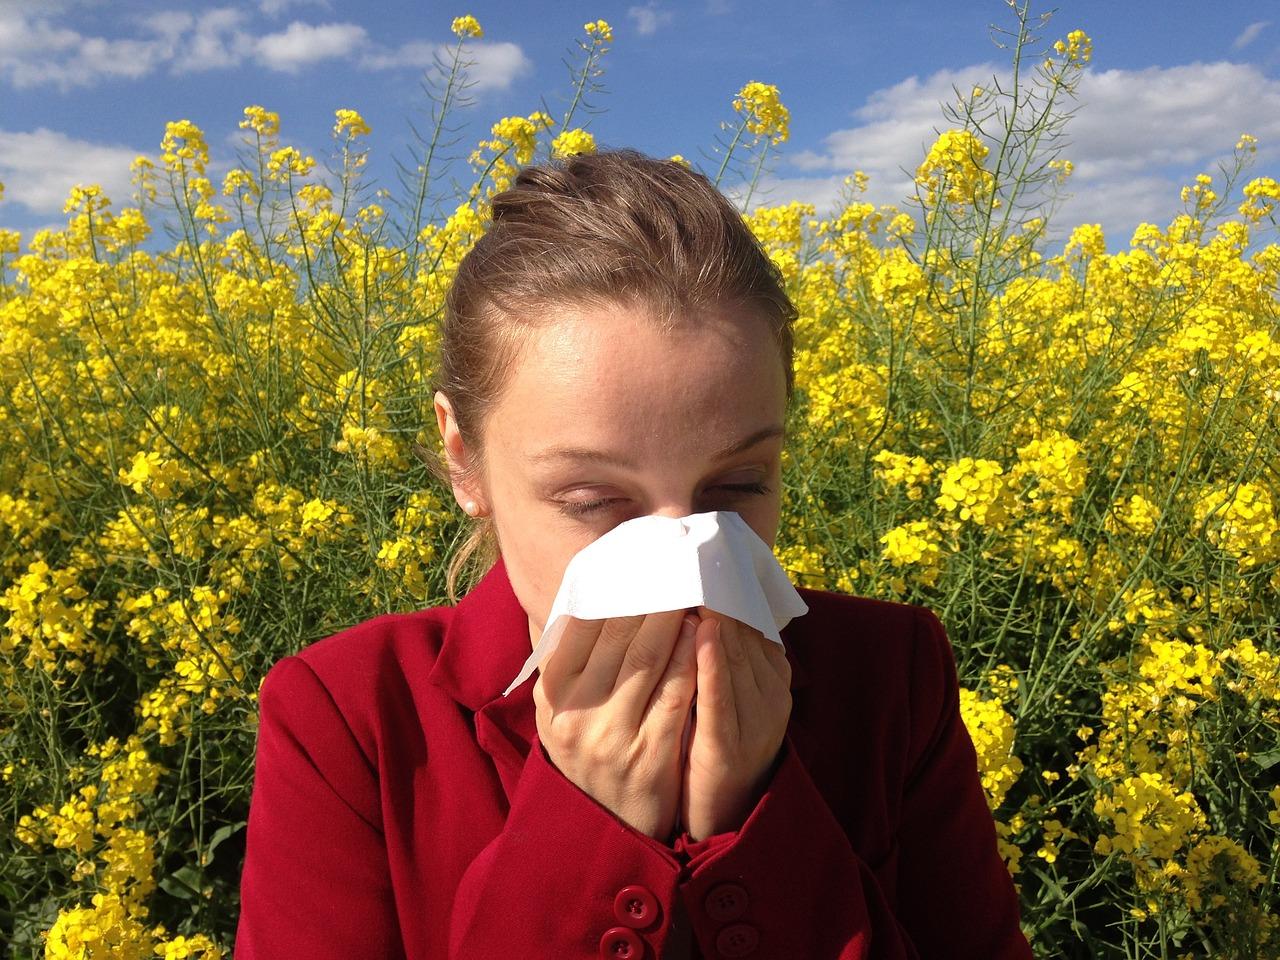 遺伝子検査でわかるアレルギー!自分の症状を知り対処法を理解しよう